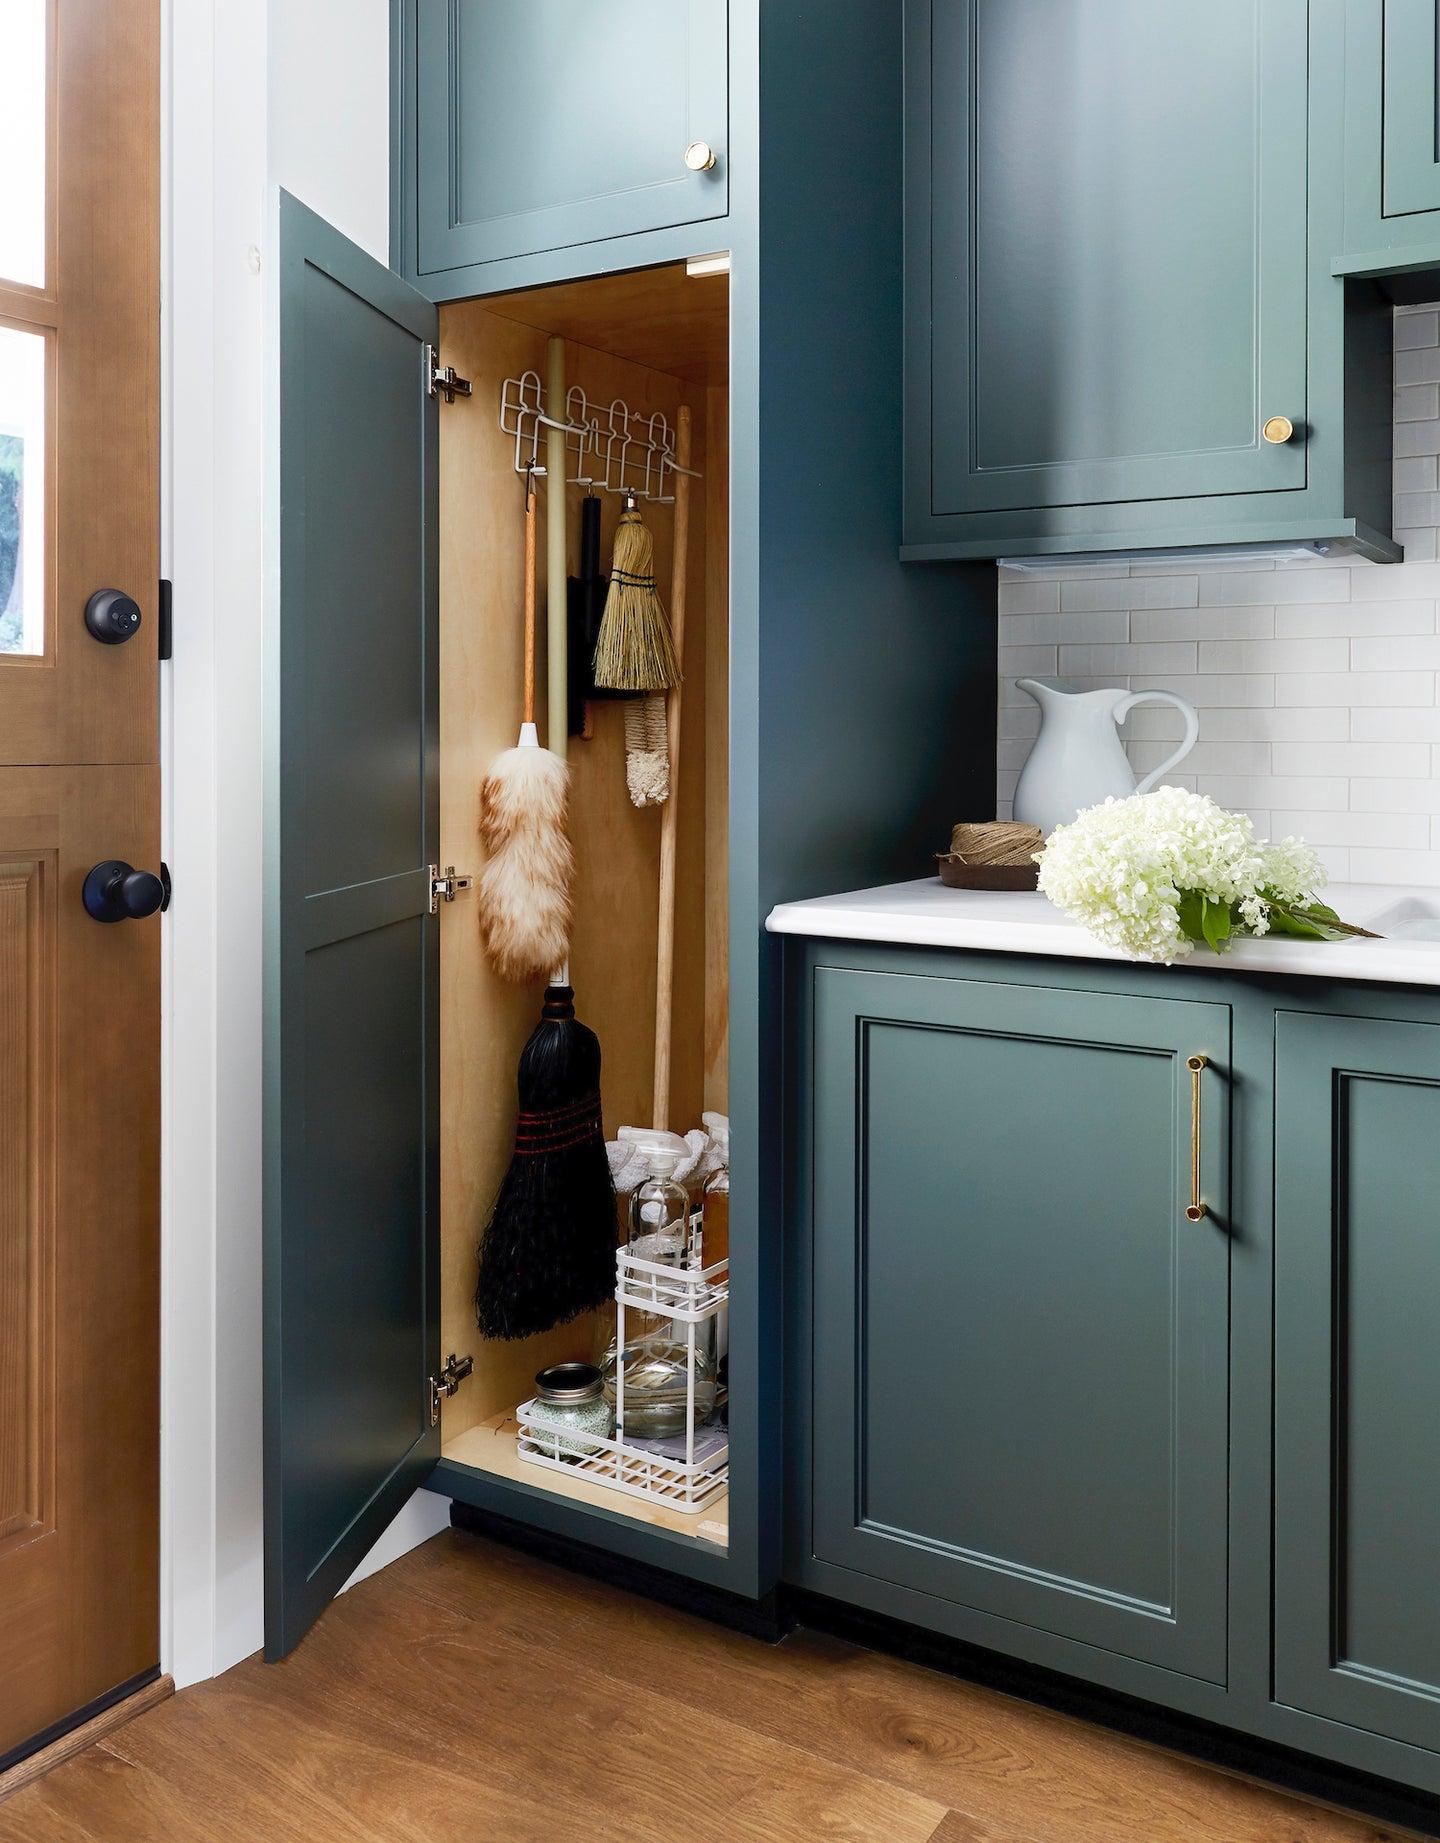 dark green cleaning supplies cabinet